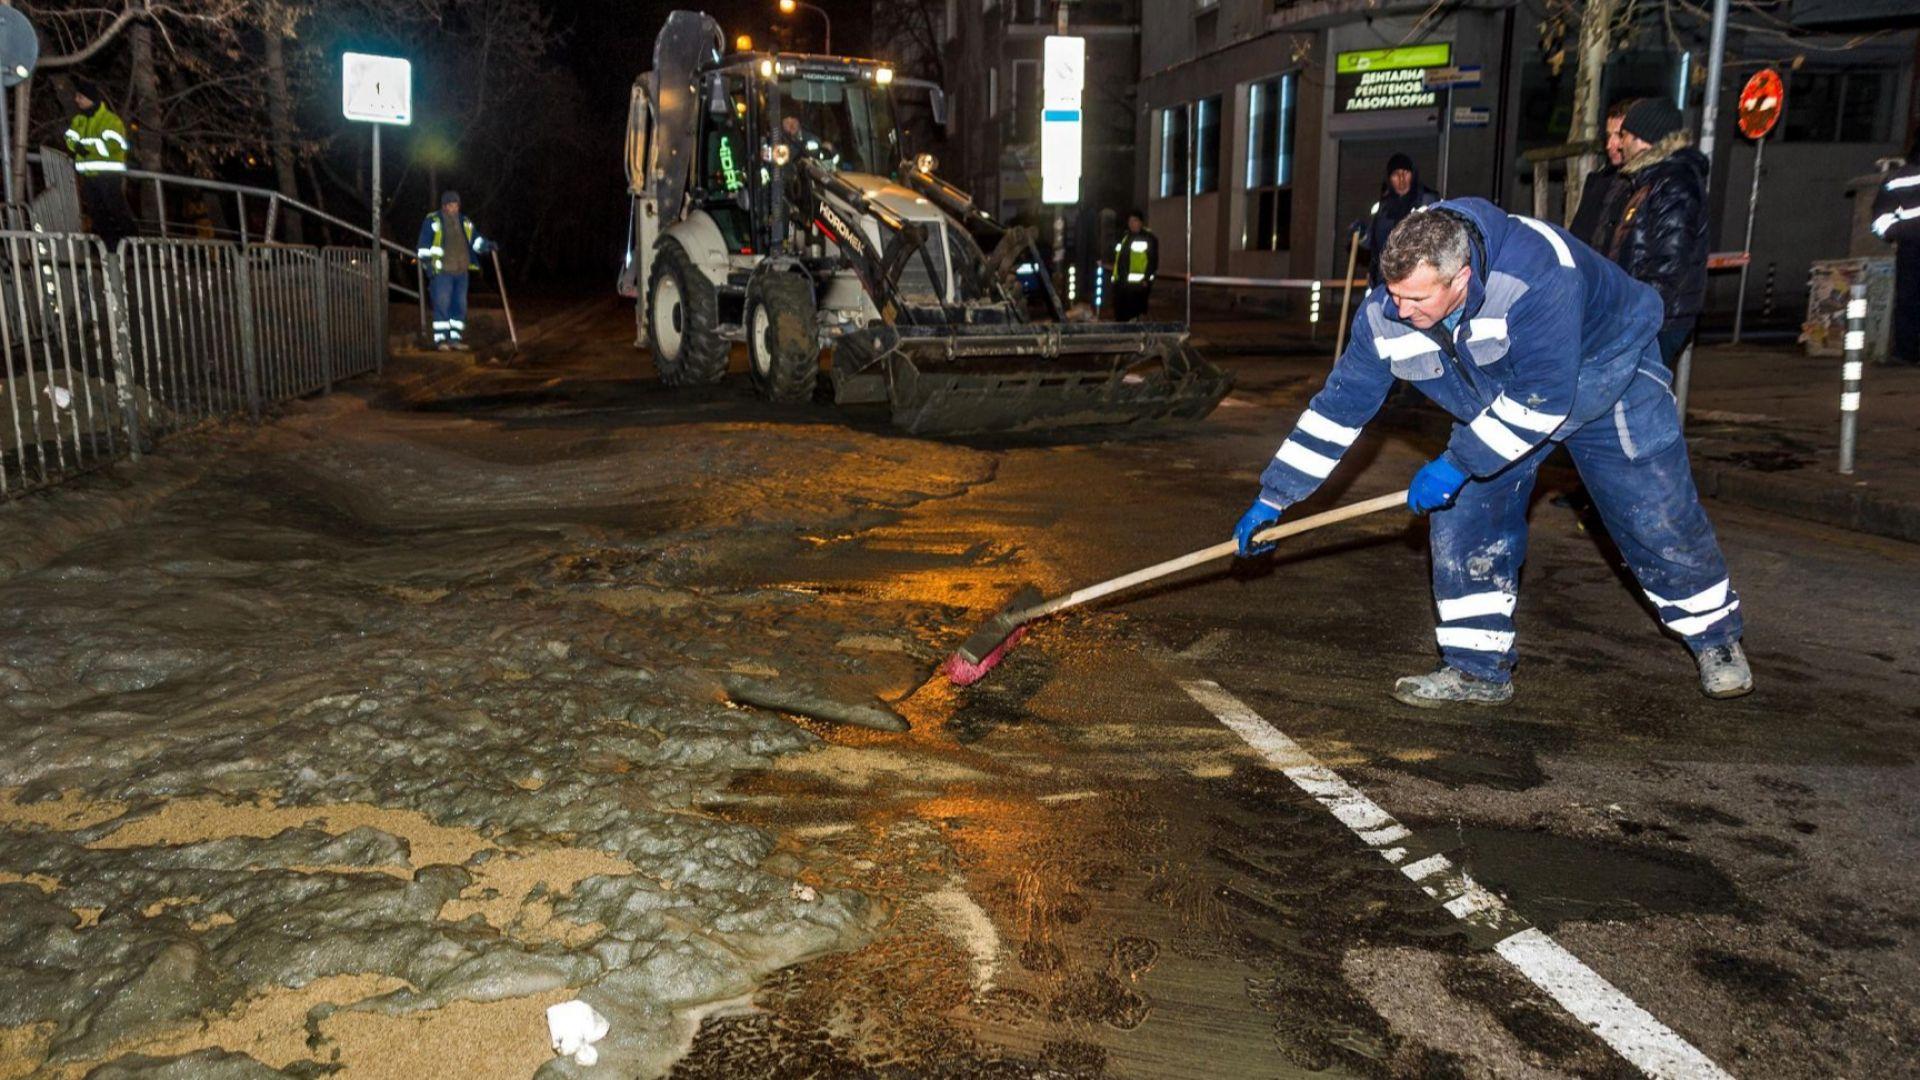 Бетонова пяна от метрото заля столичен булевард (снимки)